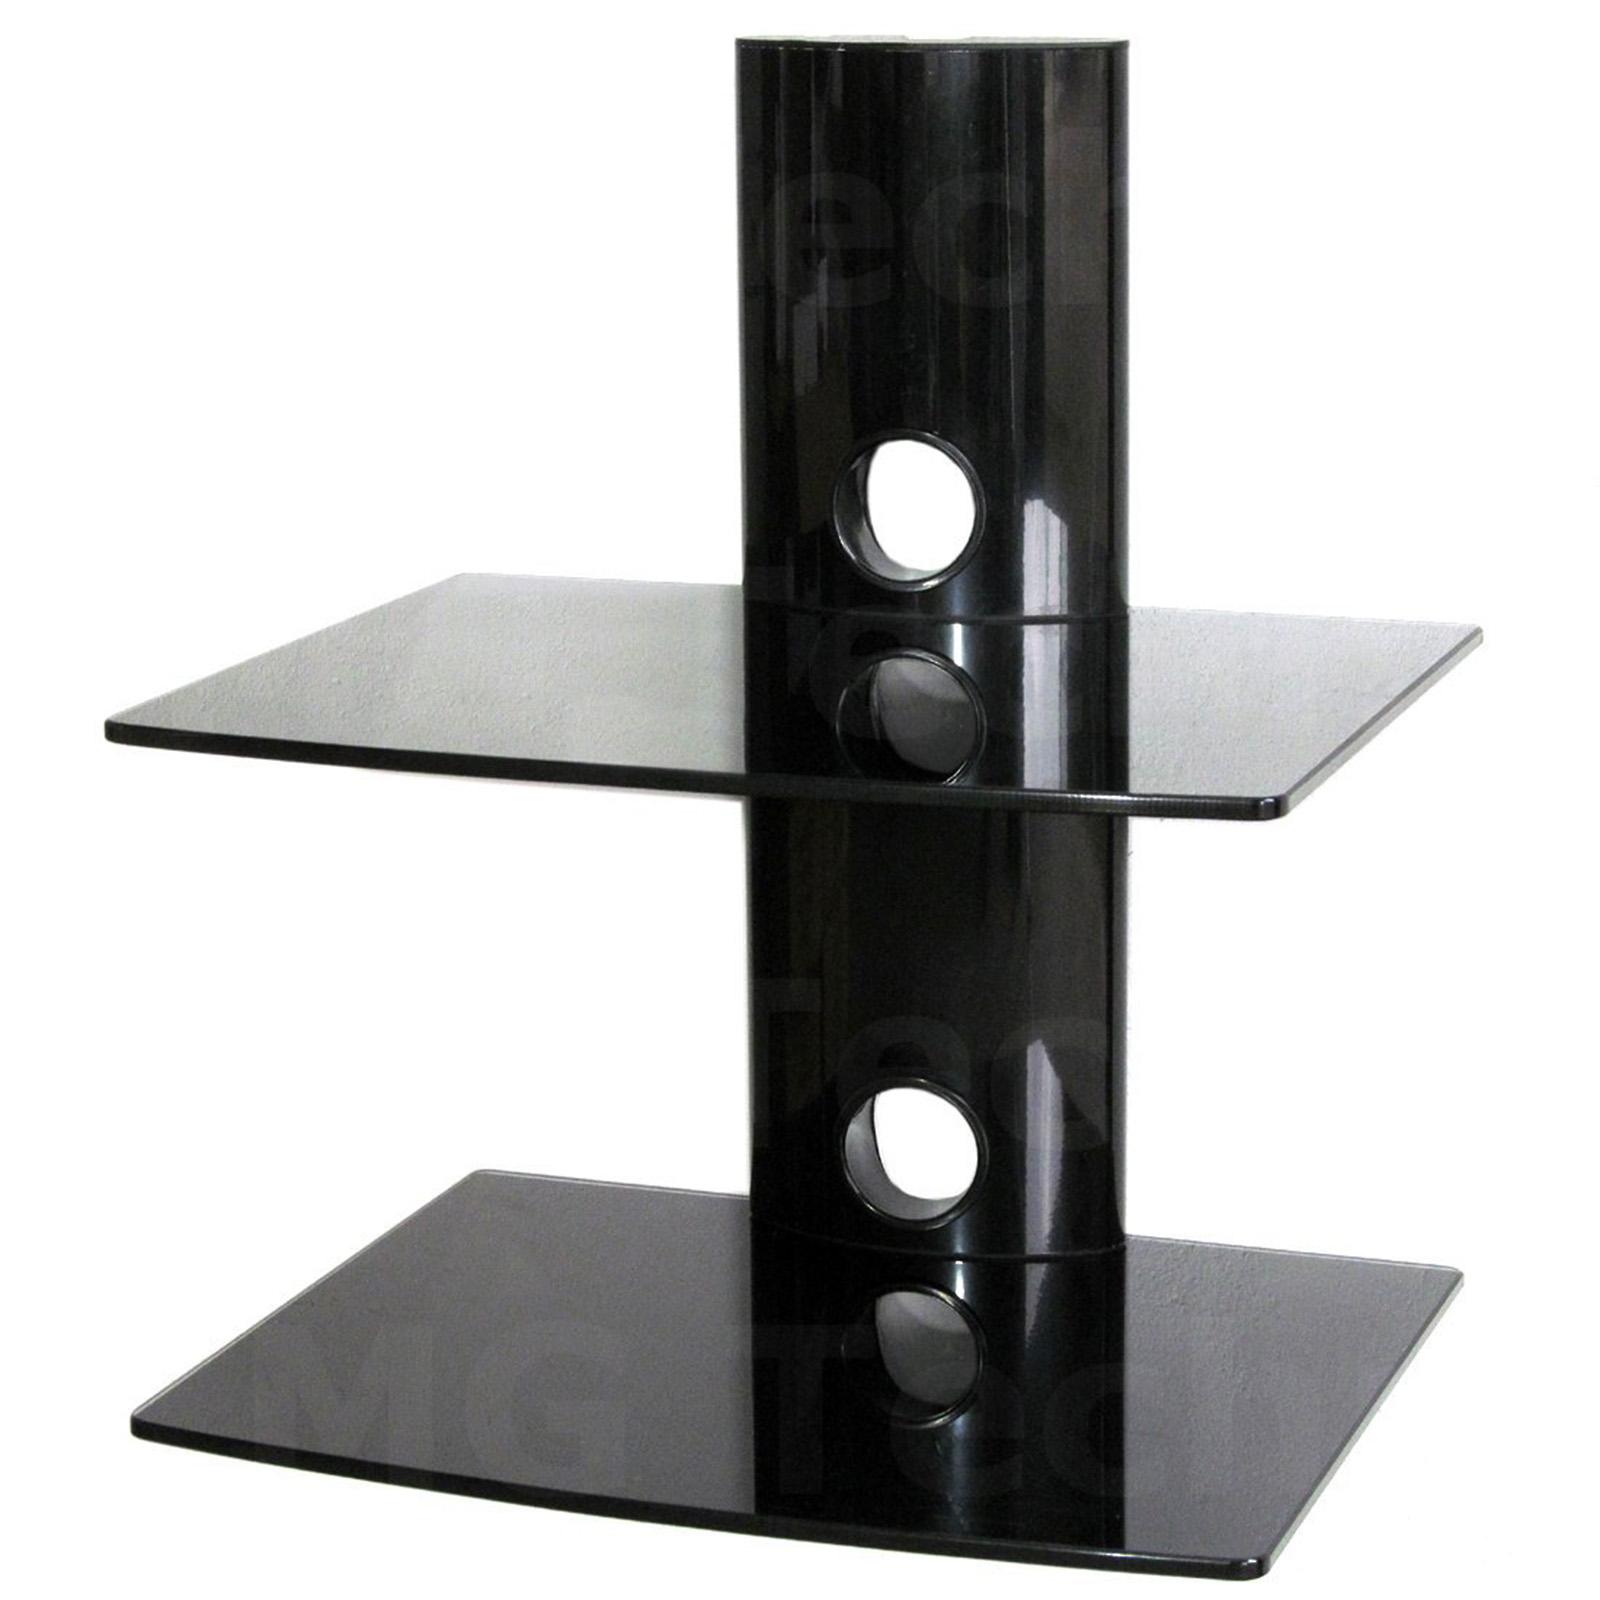 media player konsole regal anlagetr ger zwei glasplatten wandhalterung schwarz ebay. Black Bedroom Furniture Sets. Home Design Ideas